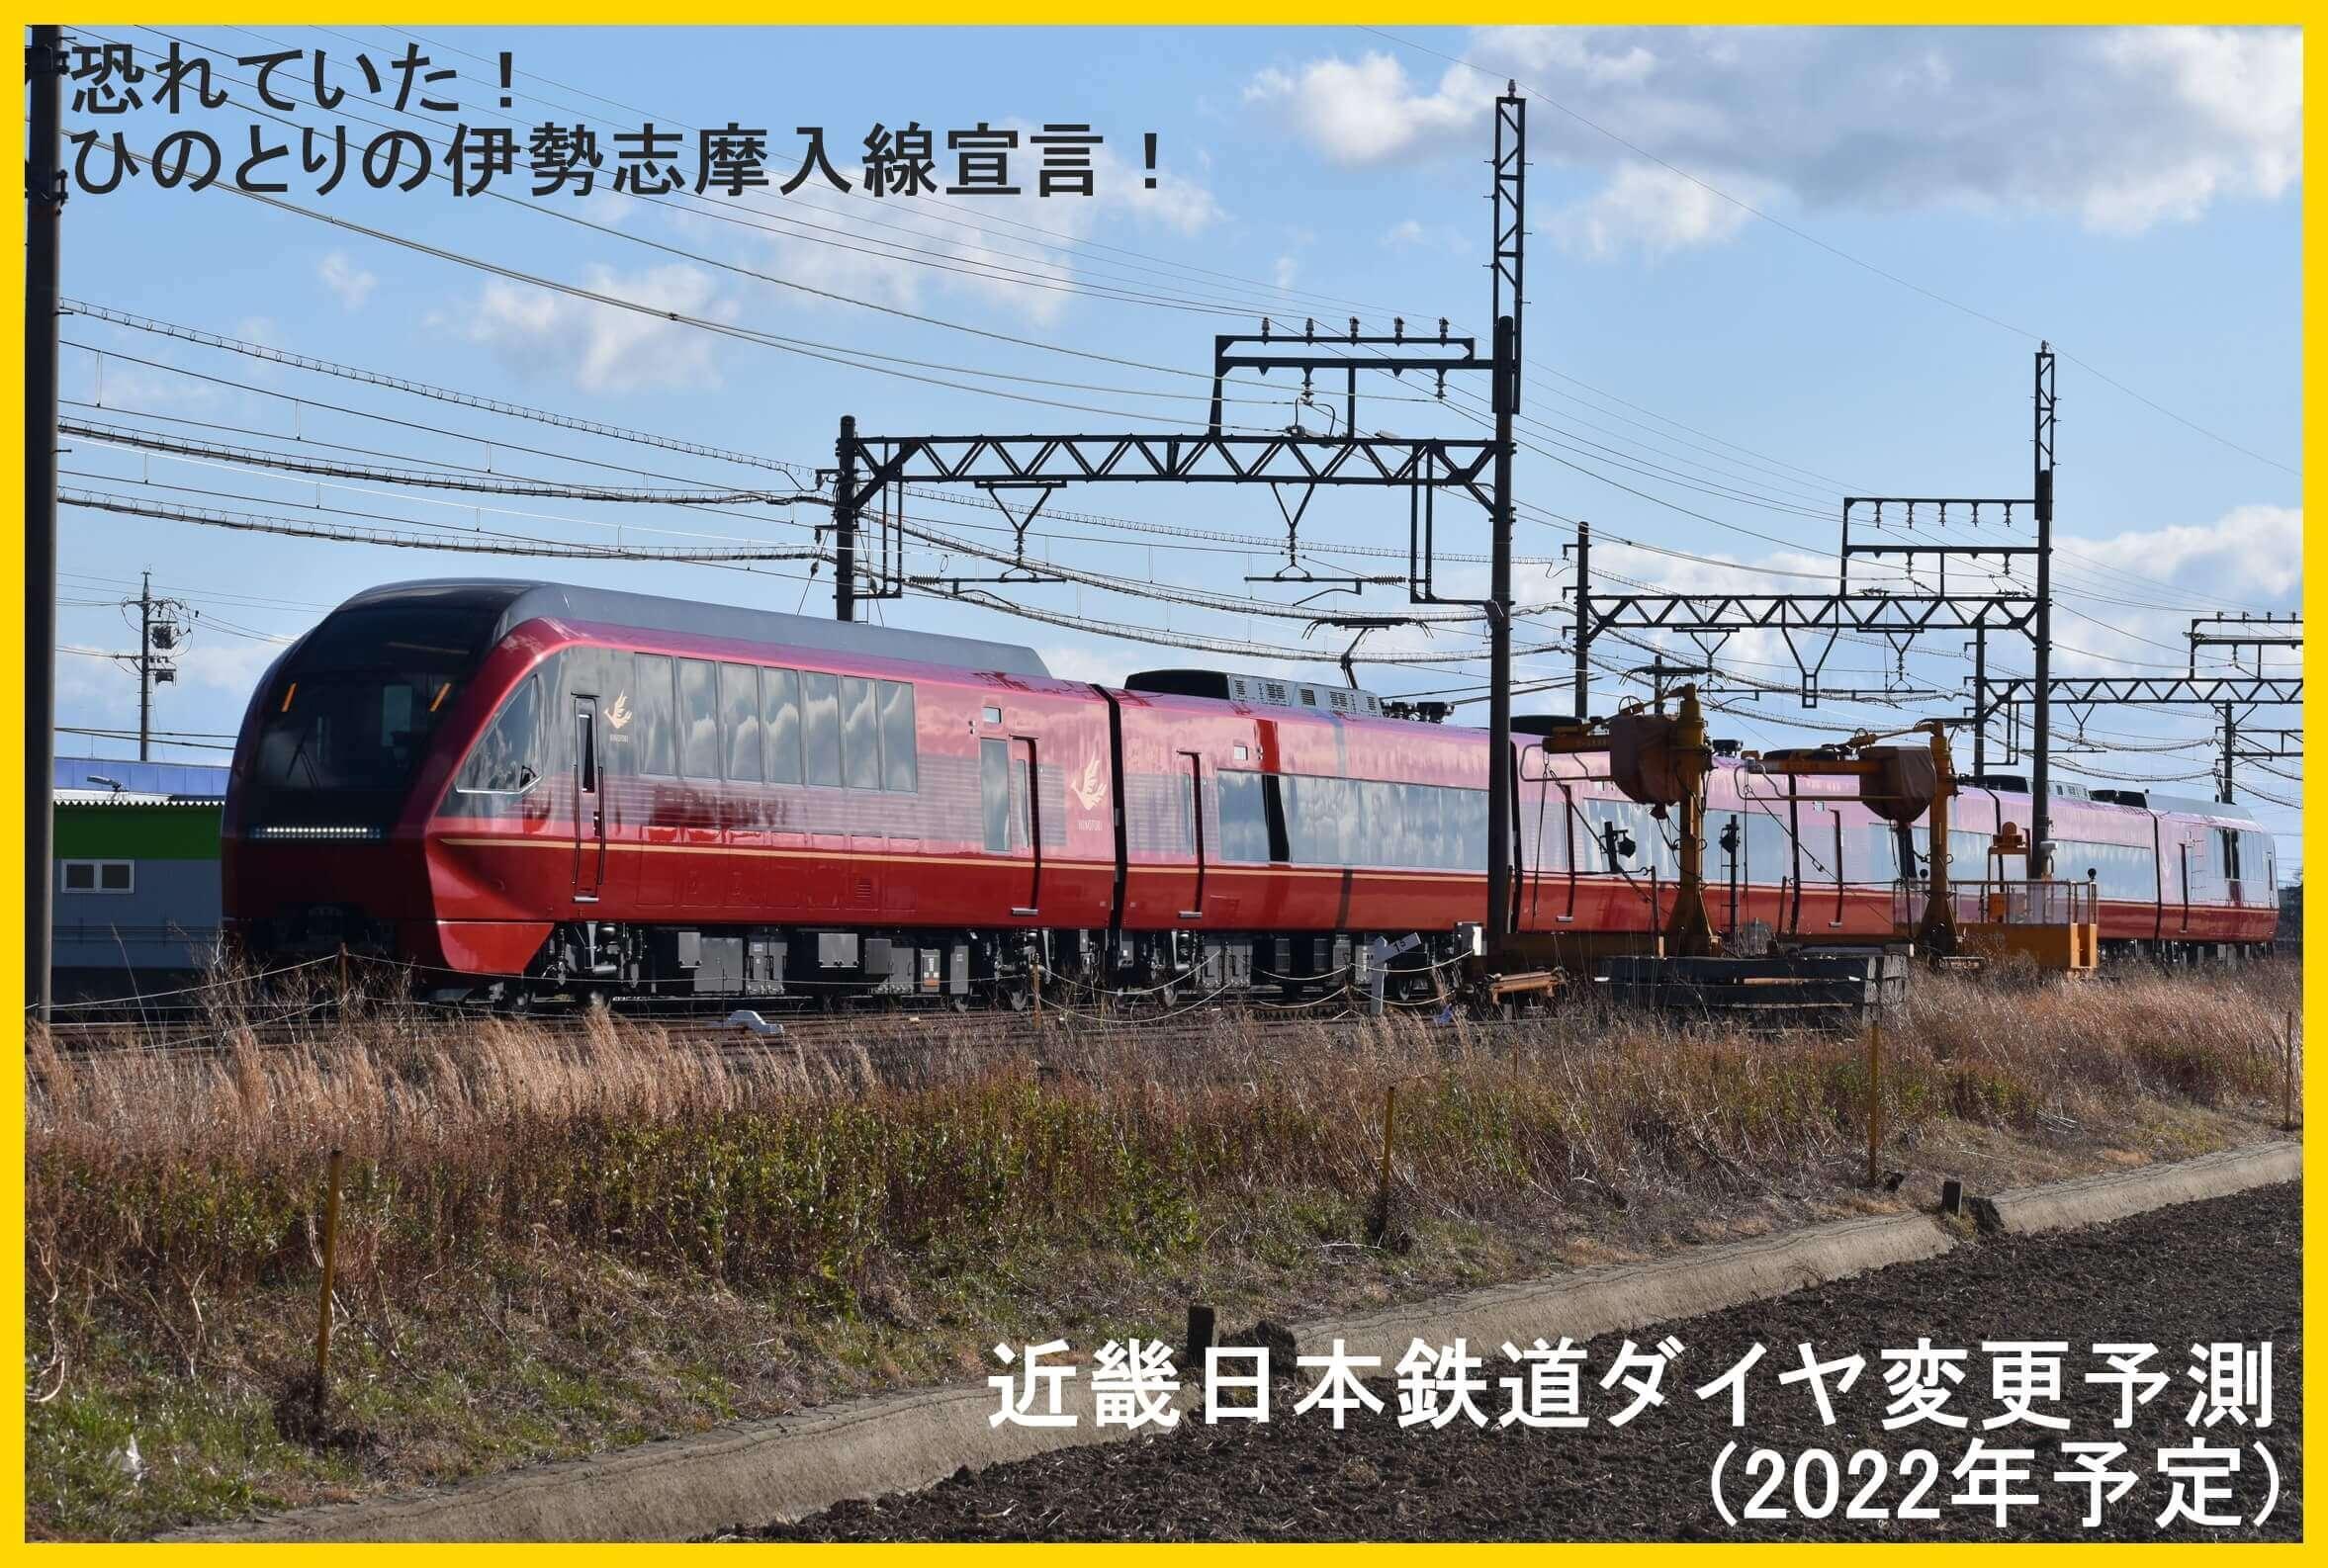 恐れていた!ひのとりの伊勢志摩入線宣言! 近畿日本鉄道ダイヤ変更予測(2022年予定)